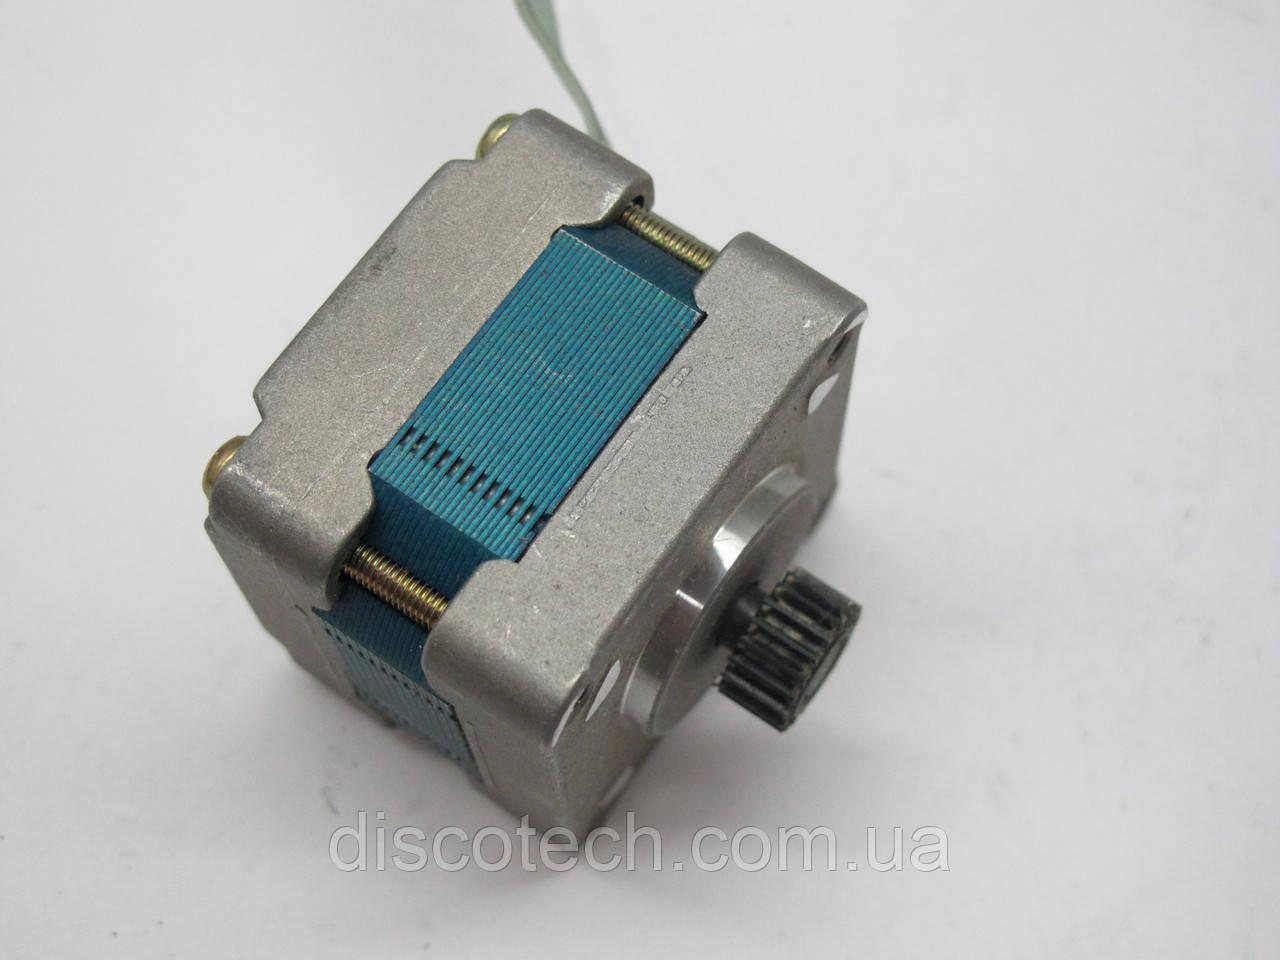 Двигатель шаговый уп 1,8 ф5,0/ 12 Ом EM-216 STH-39H109